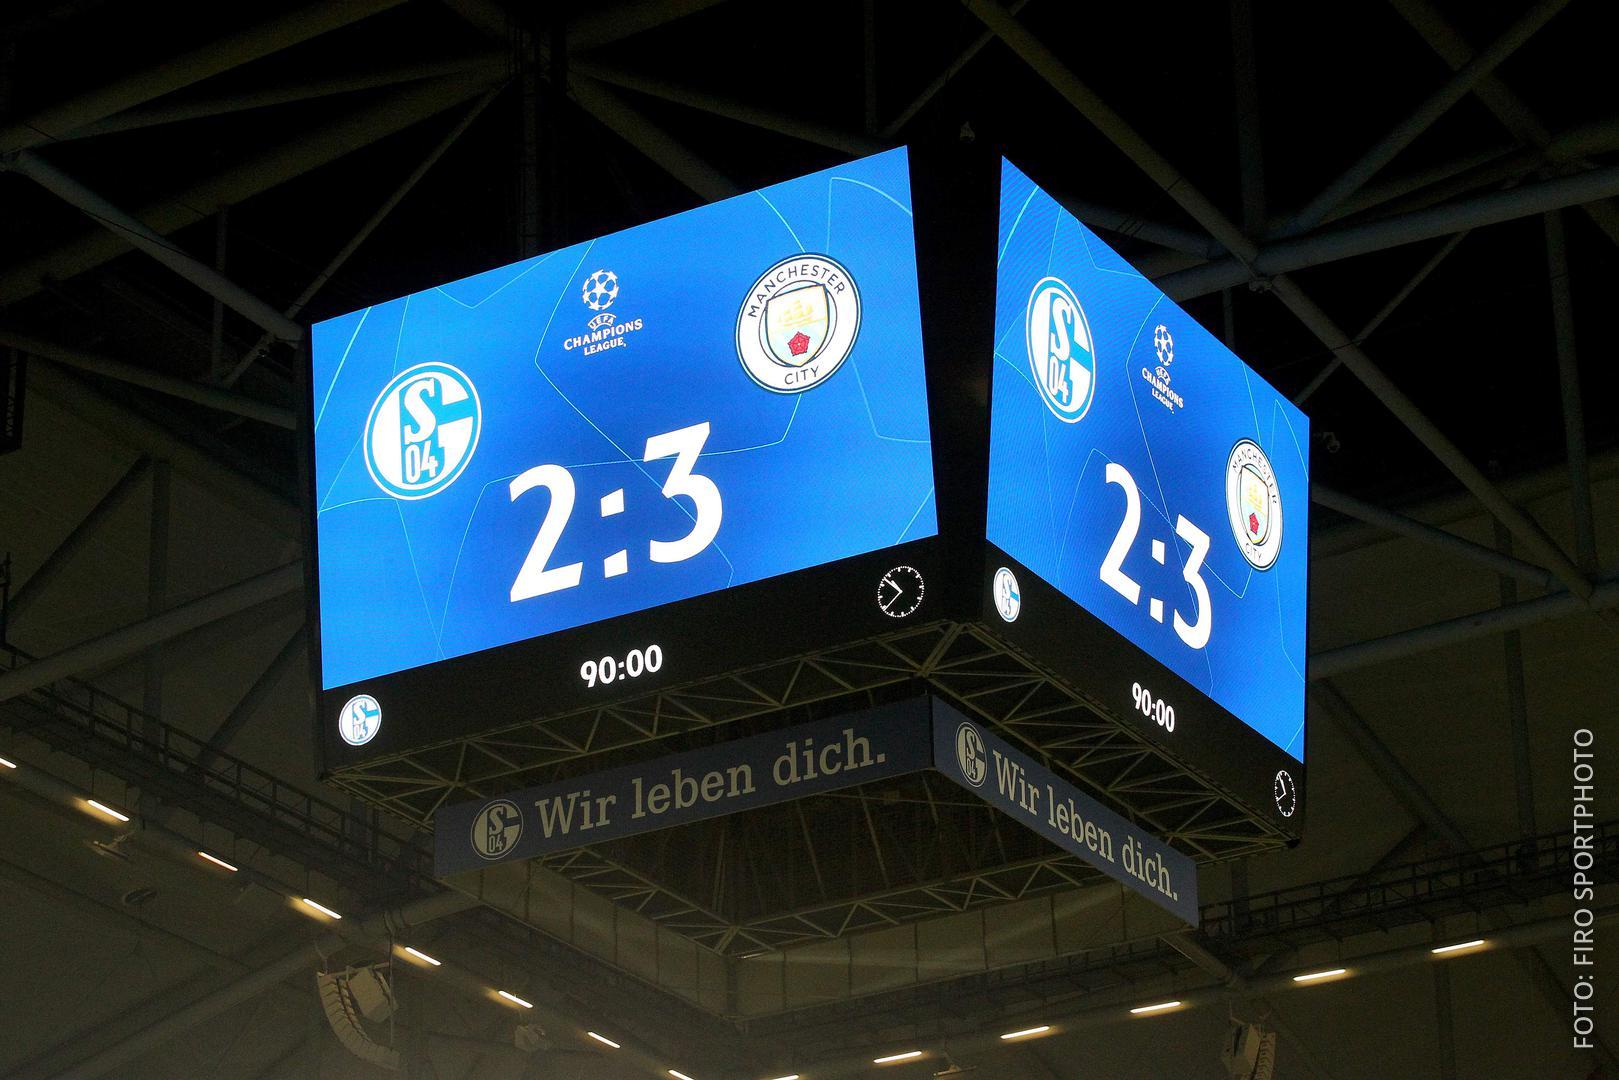 Der Videowürfel in der Arena auf Schalke zeigt das 2:3 zwischen Schalke 04 und Manchester City an.